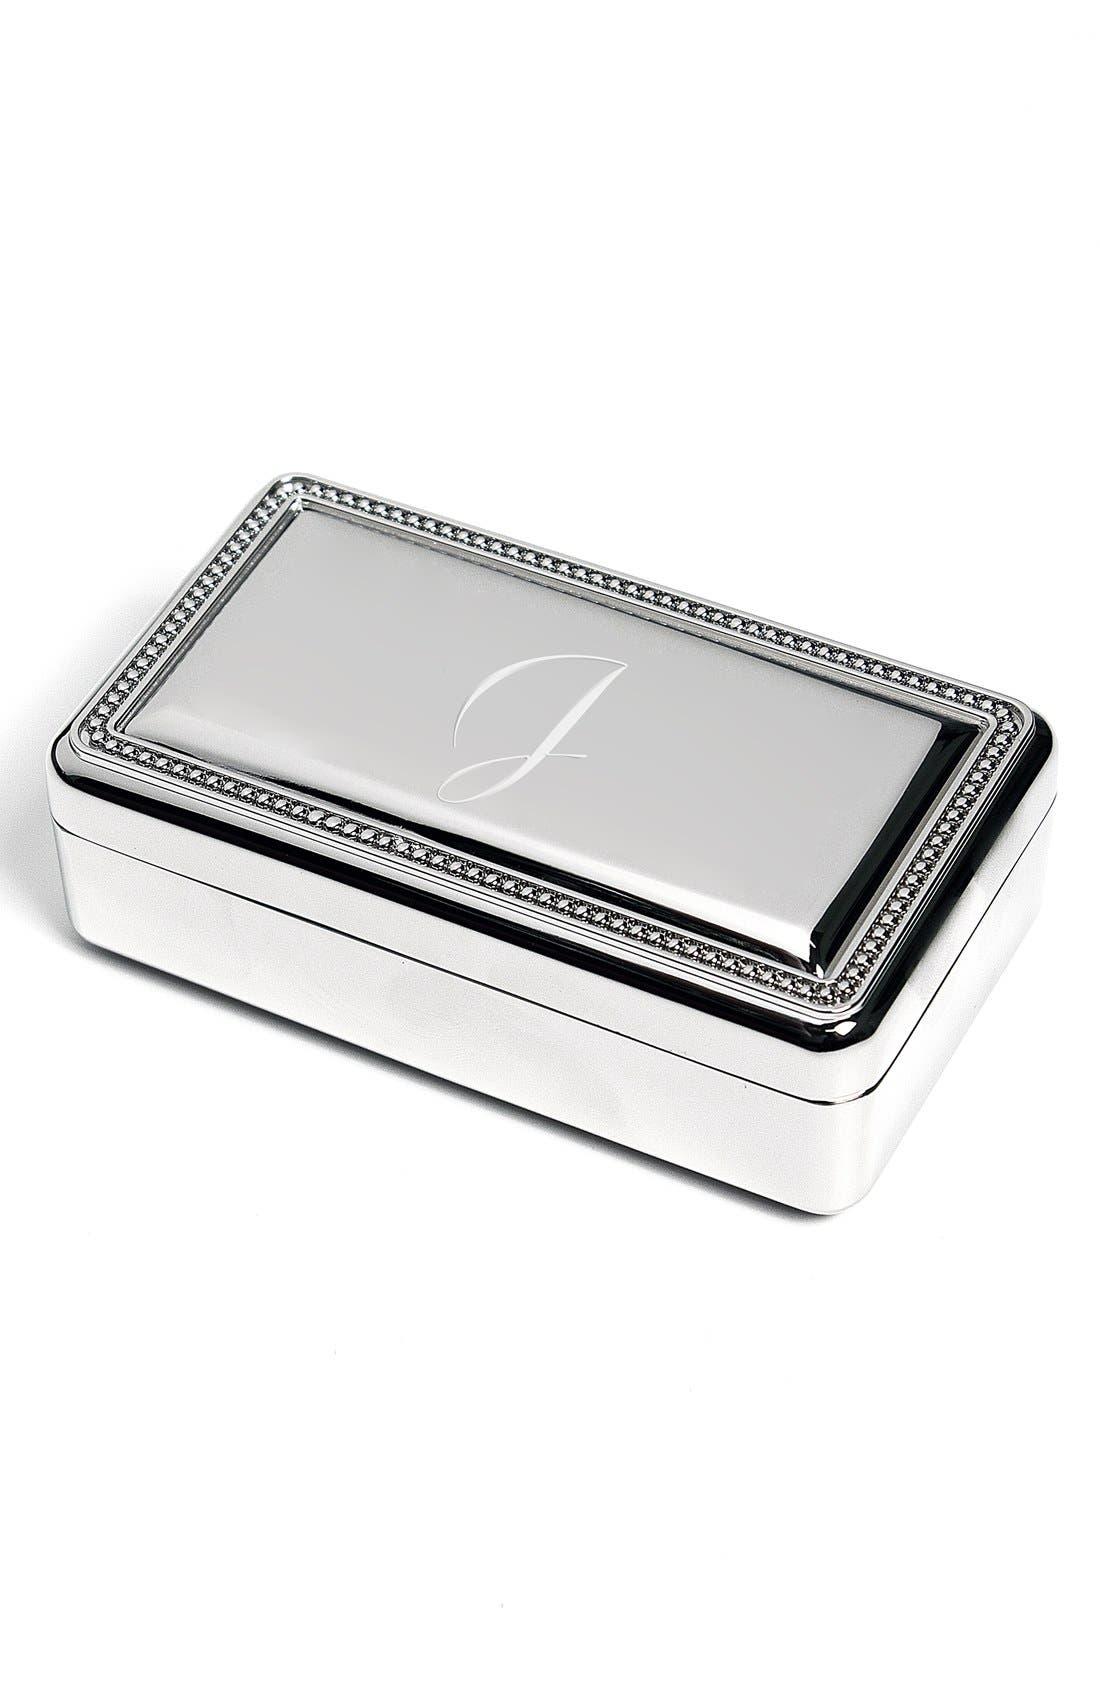 Cathy's Concepts Monogram Jewelry Box